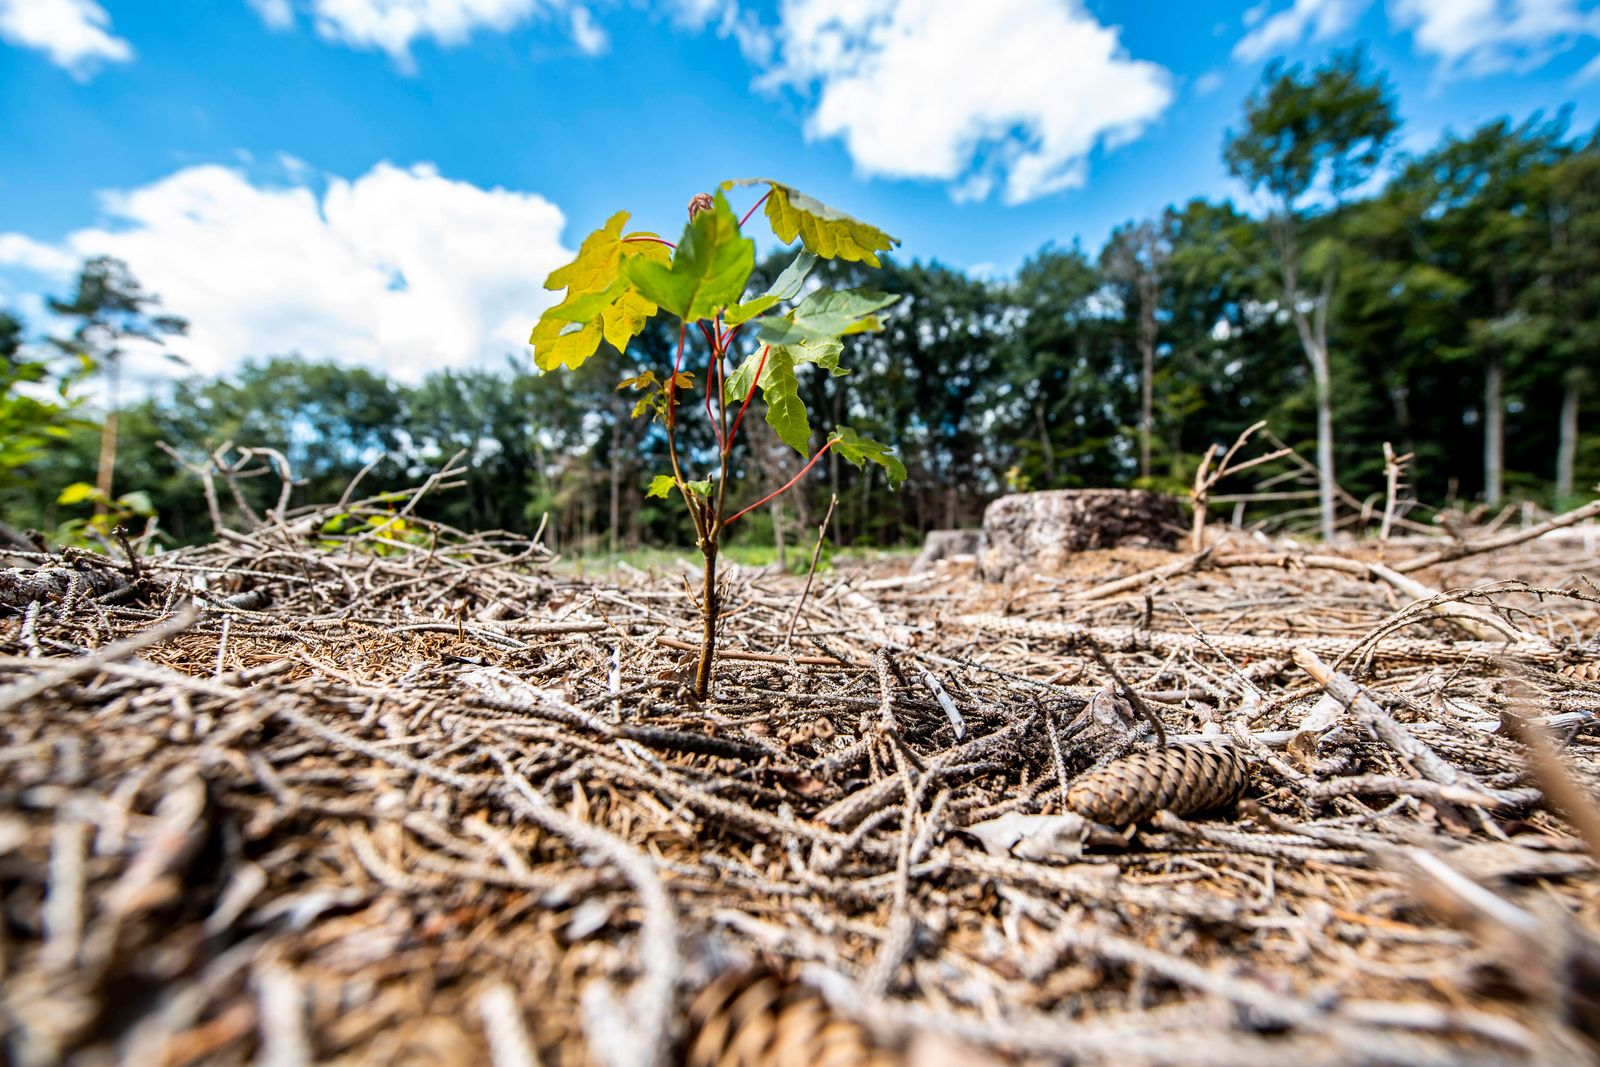 Beginn der Waldzustandserhebung 2020 Ein junger Baumtrieb bahnt sich ihren Weg aus dem verdorrten und mit Zweigen bedec